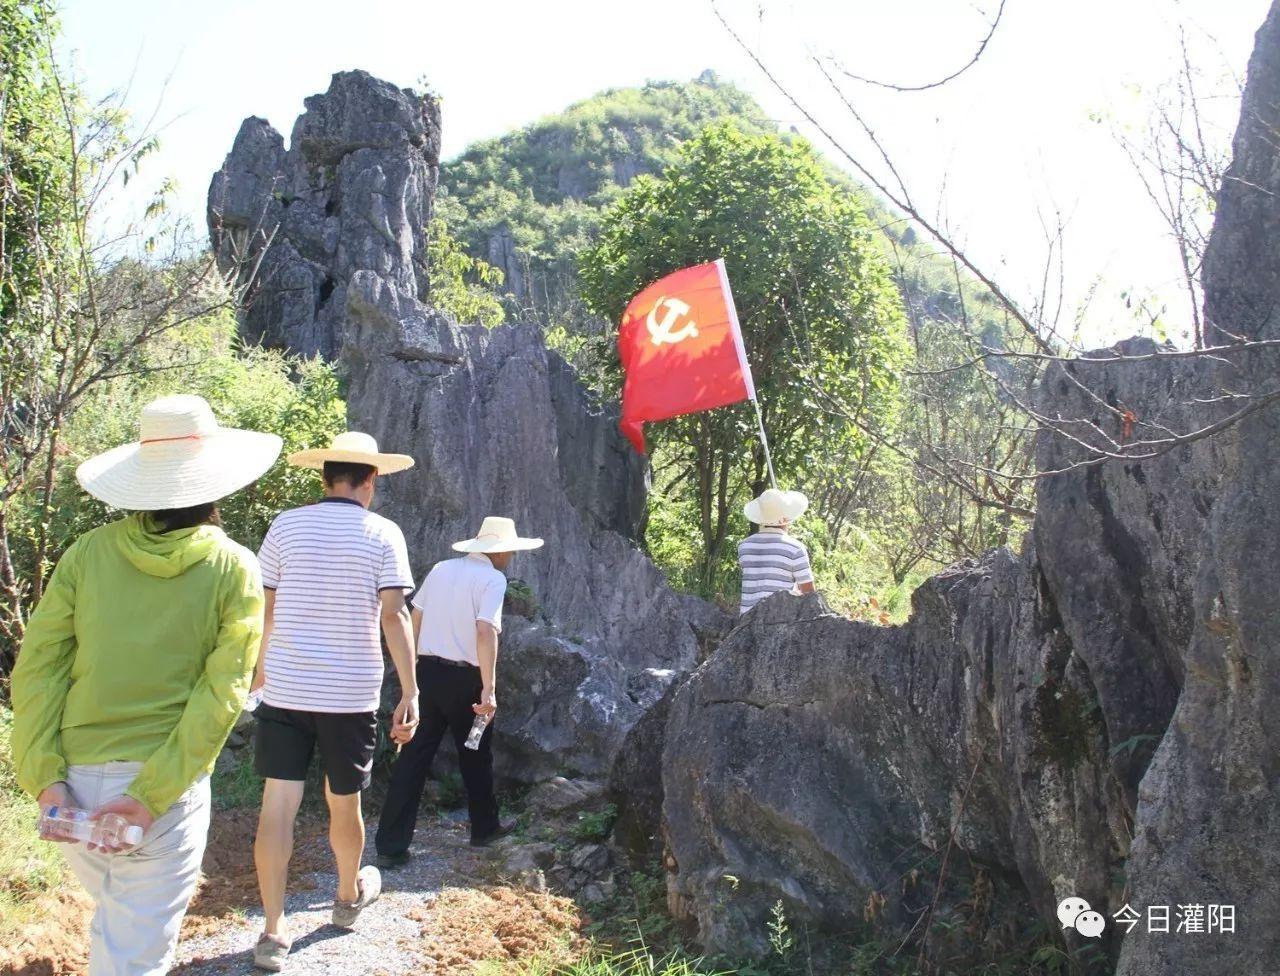 沿着红军走过的路继续前行——县委宣传部开展红色现场教学活动 - wmj69888 - wmj69888的博客